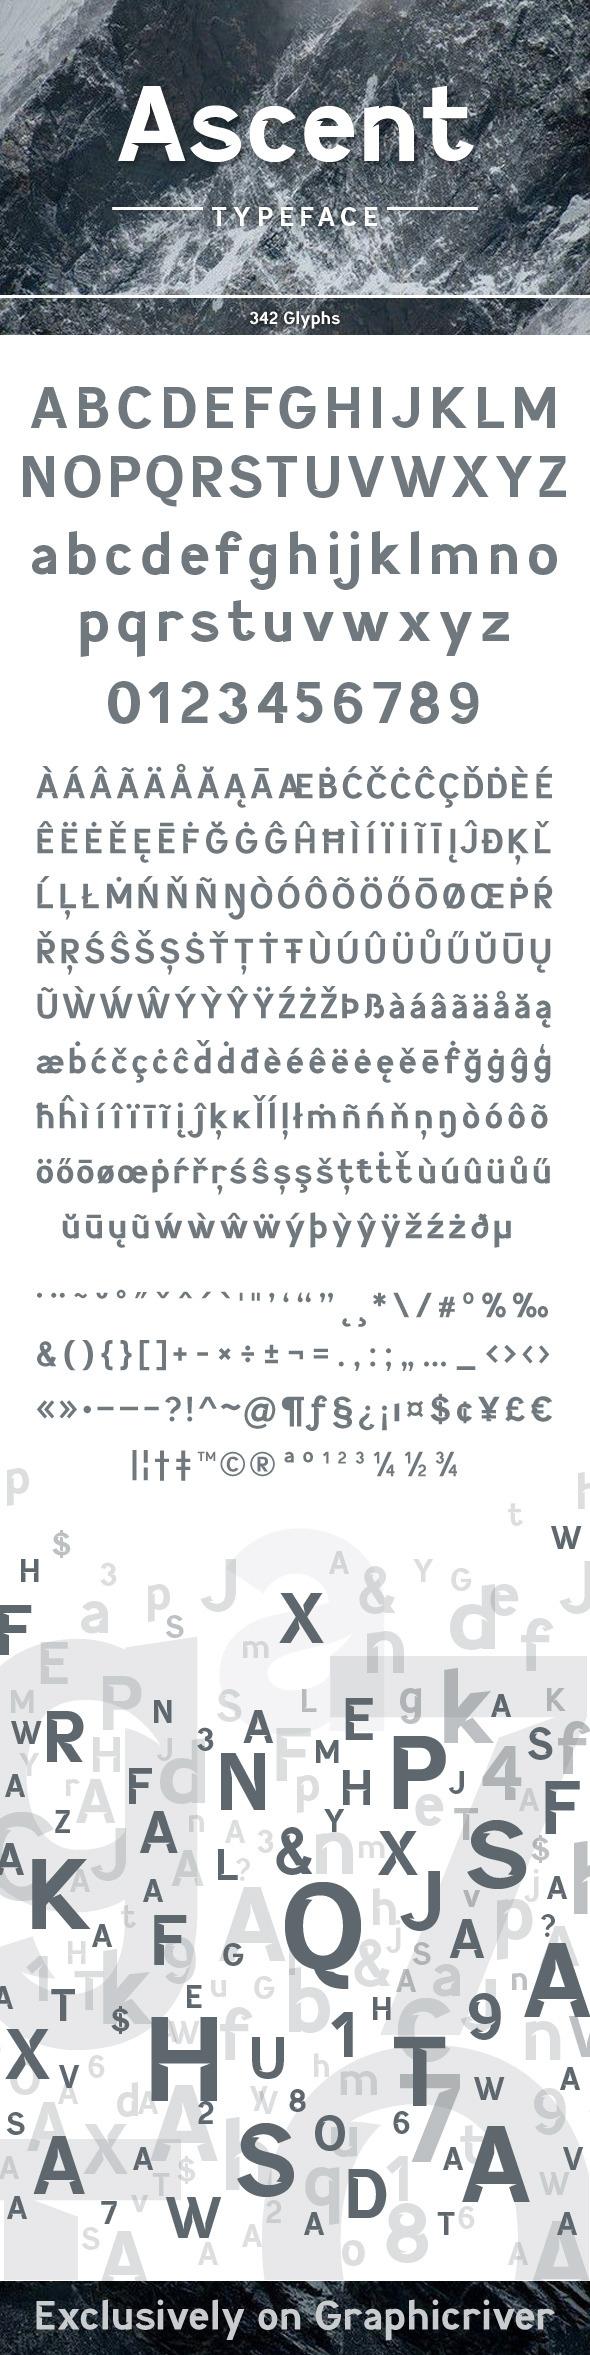 Ascent Typeface - Sans-Serif Fonts